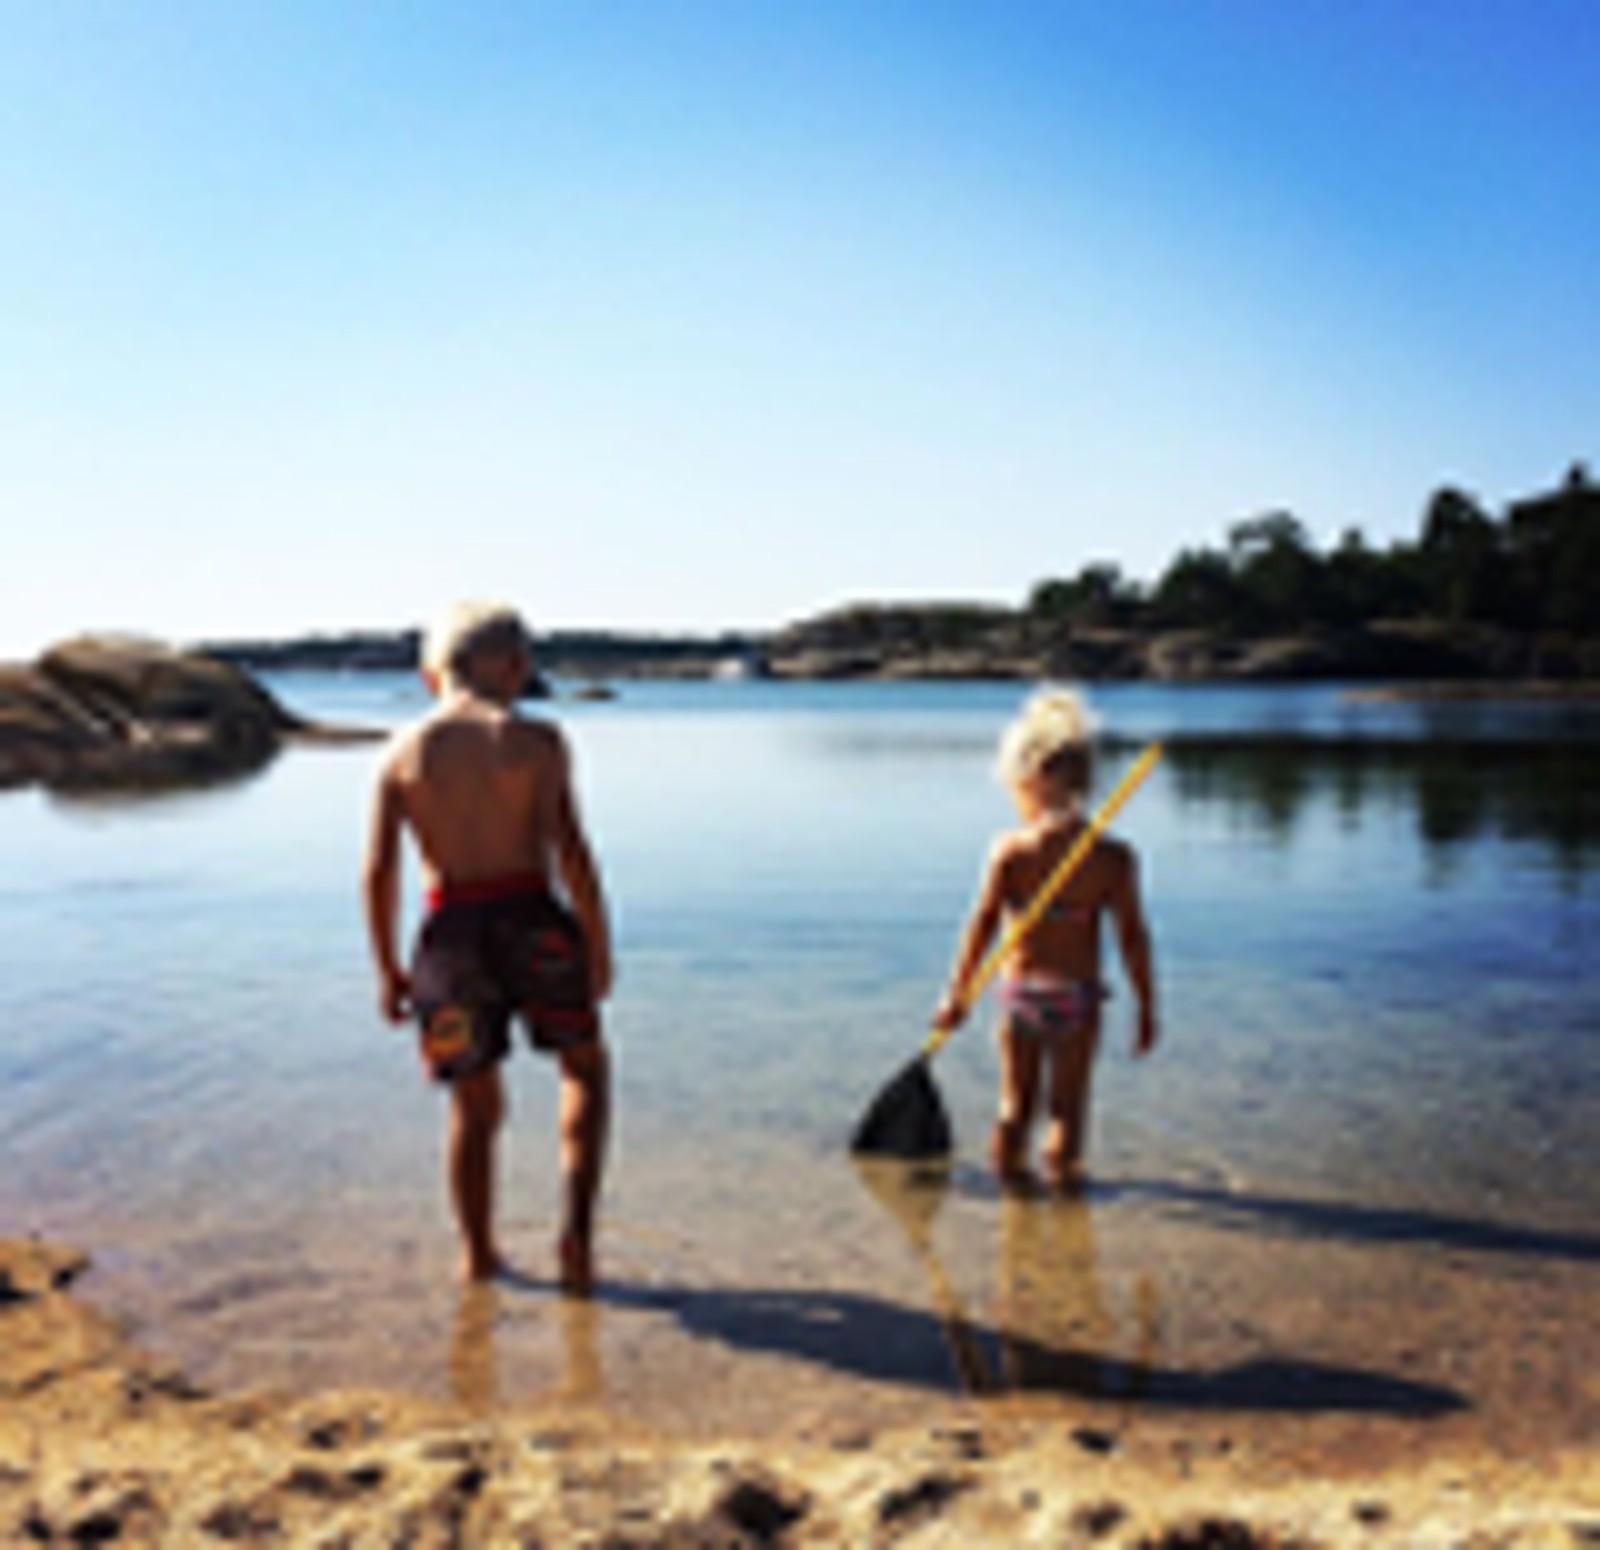 IVARSAND I BAMBLE: Dette er mitt sommerparadis! De beste barndoms- og sommerminnene har jeg herfra, og nå skaper jeg nye minner med min egen lille familie. Ivarsand har noe for alle aldre og er det fineste stedet som finnes!:-) Hilsen Marianne Lande Hallingskog